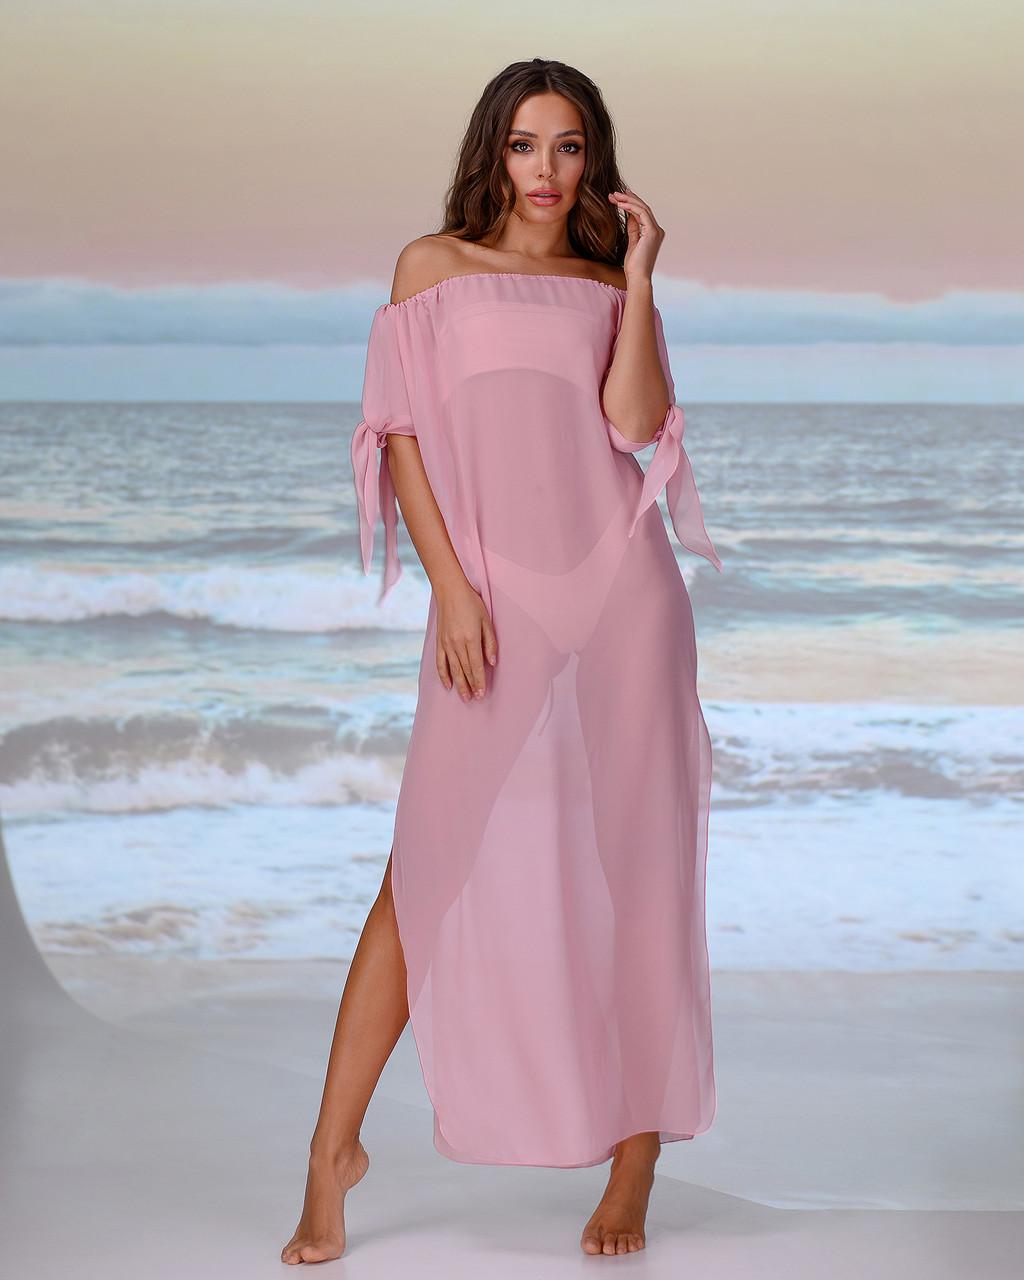 Длинная пляжная туника со спущенными плечами размер 46-48р. цвет пудра